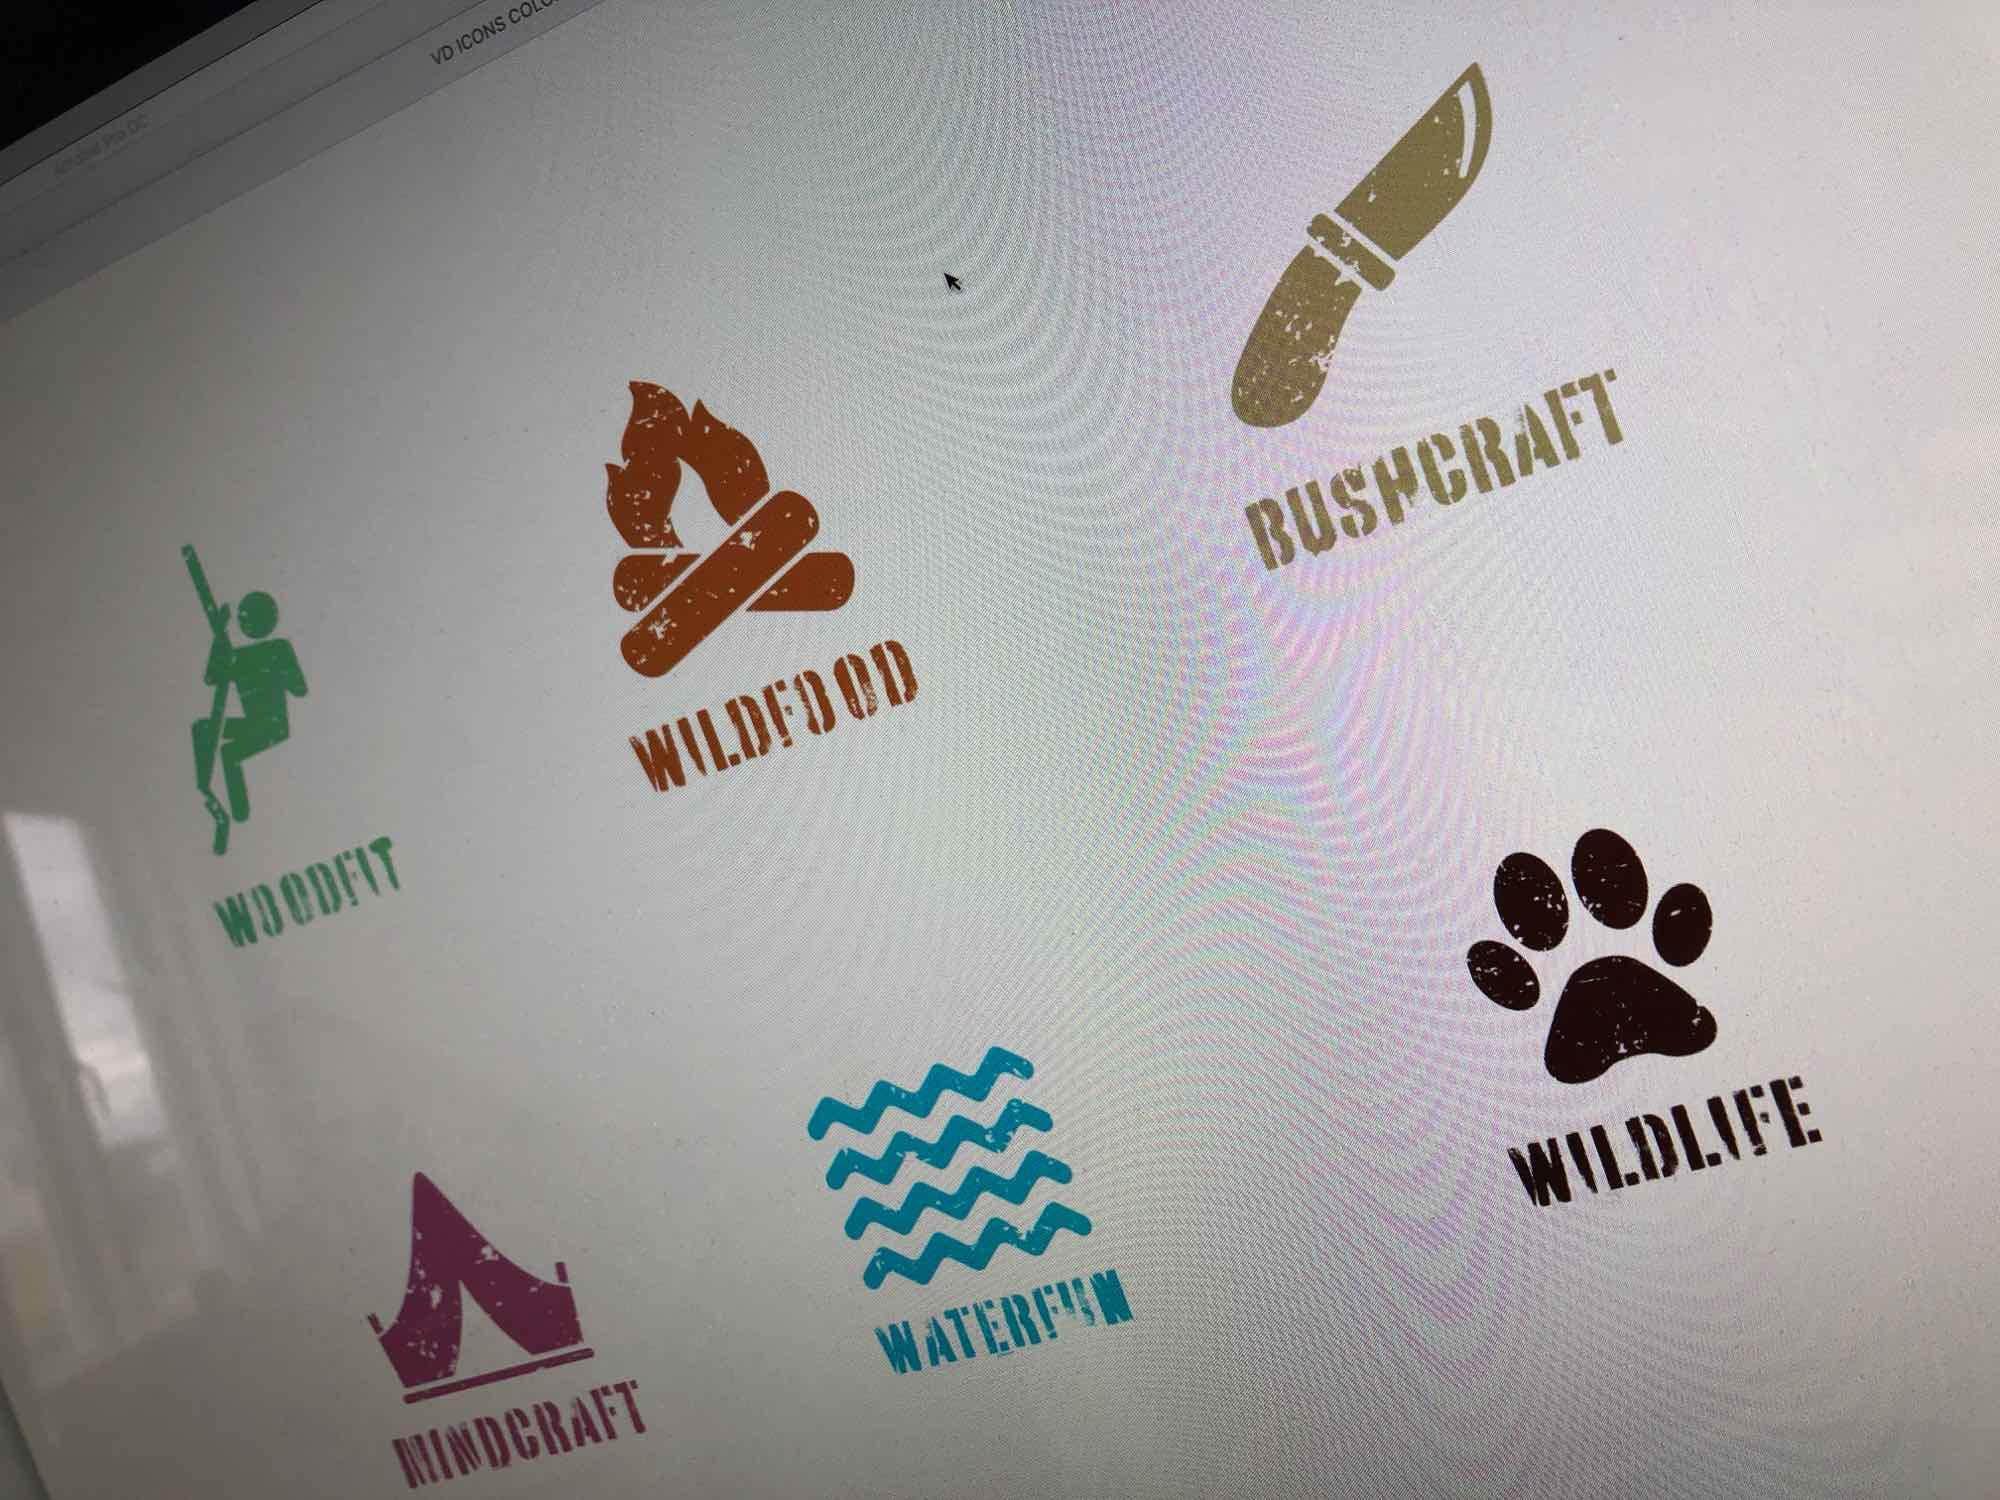 vildmarksdagen design - 1.jpg